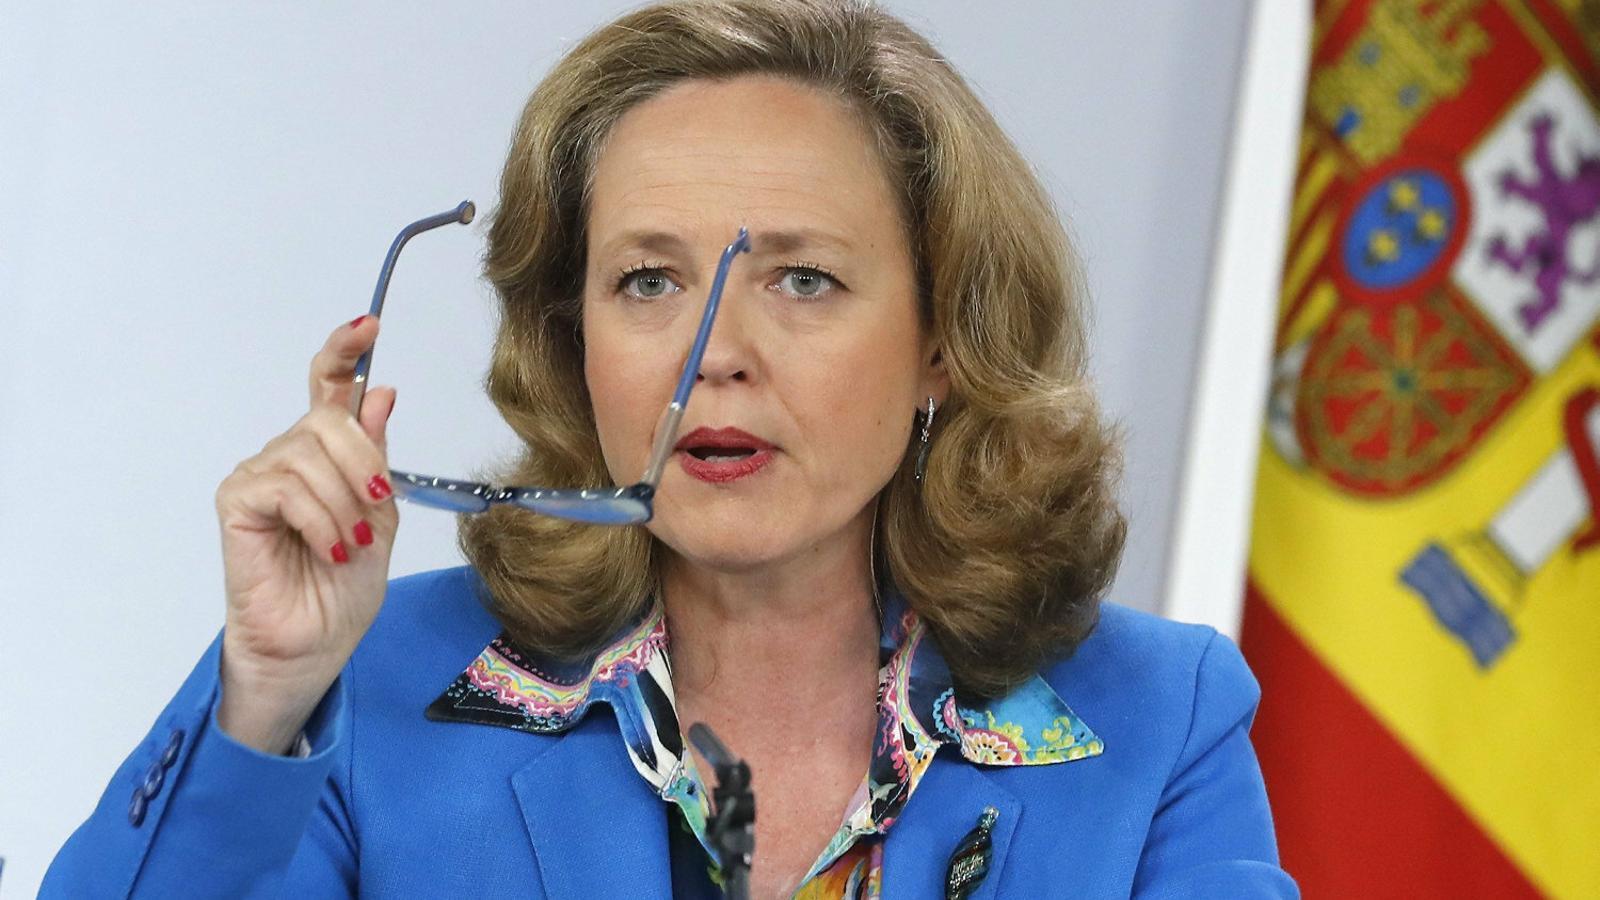 La ministra d'Economia, Nadia Calviño, en una imatge recent.